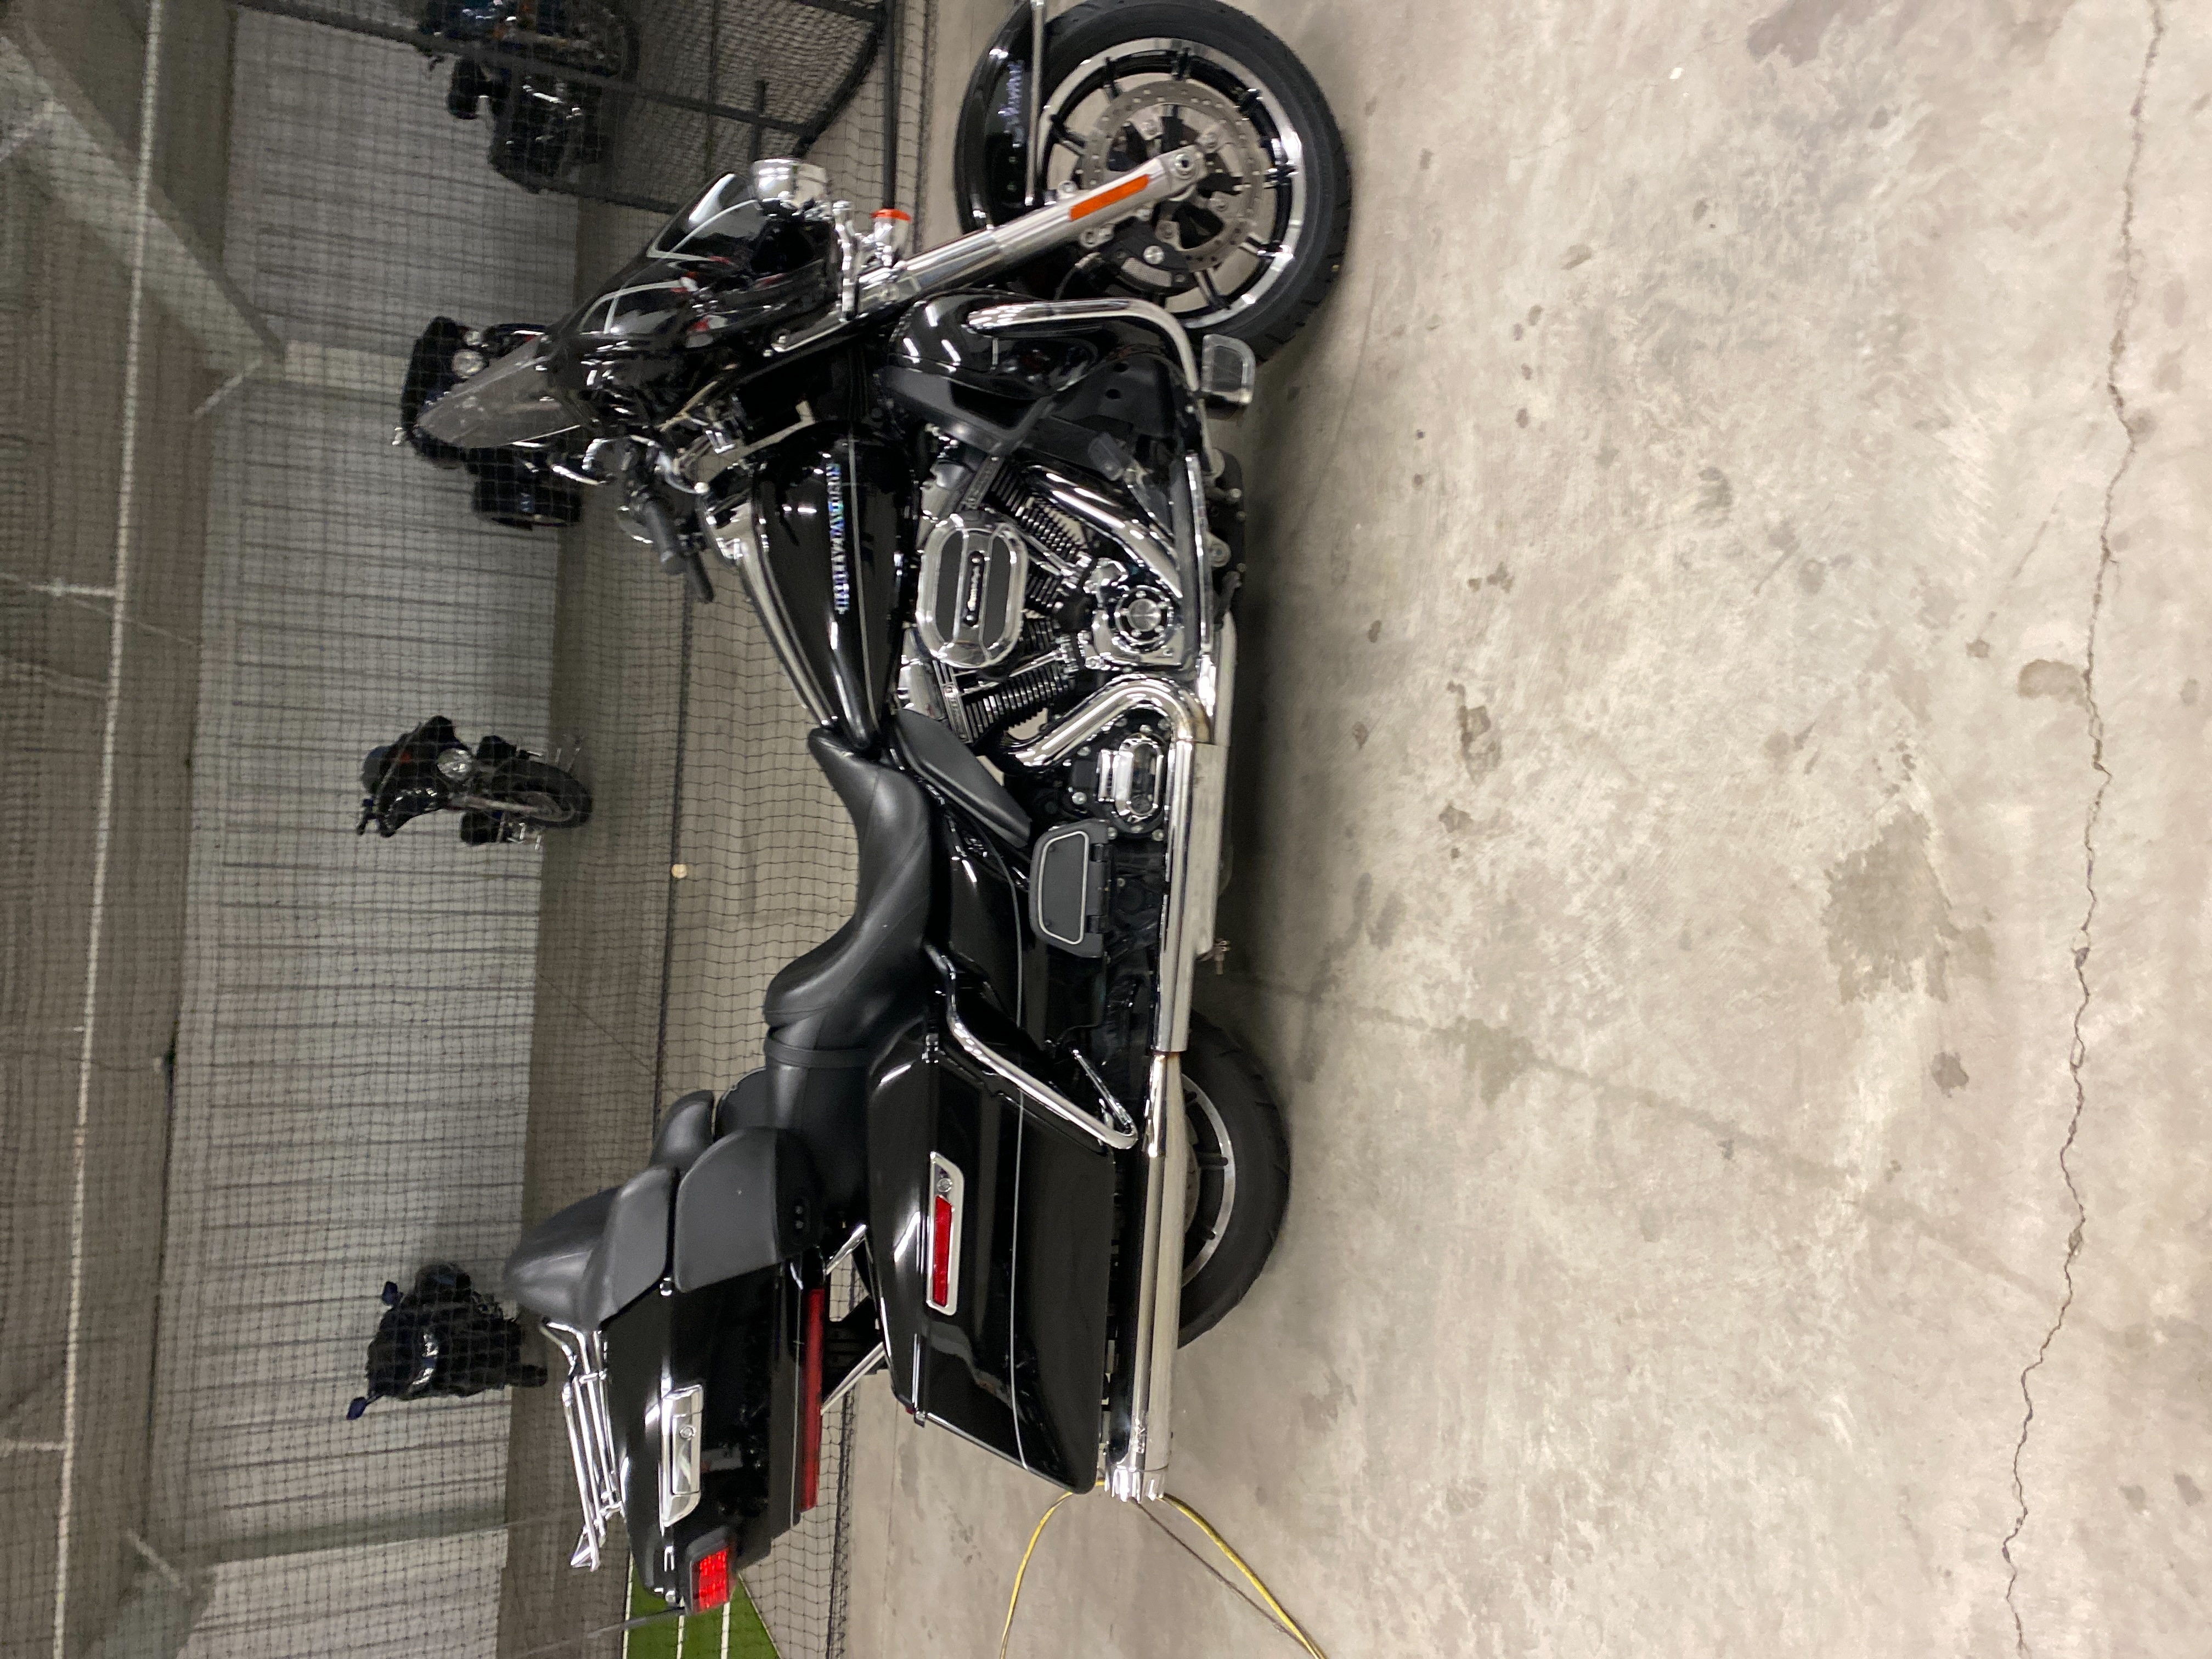 2016 Harley-Davidson Electra Glide Ultra Limited at Outpost Harley-Davidson